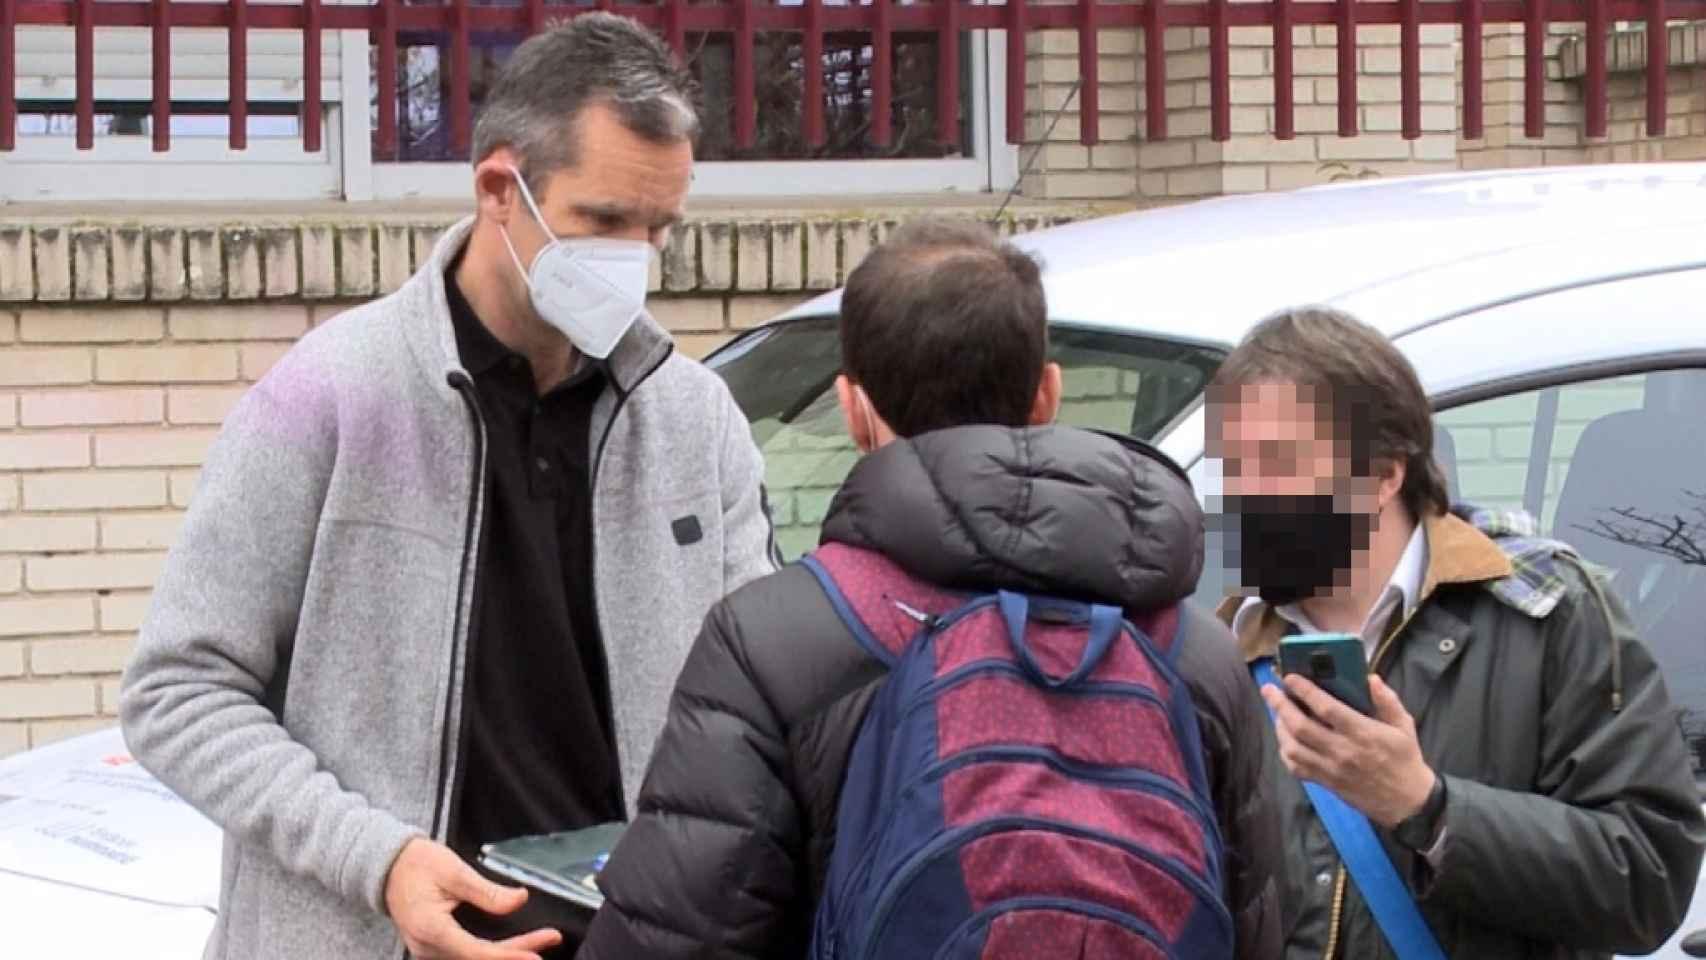 Iñaki Urdangarin accediendo a las peticiones de sus fans en la puerta de Don Orione.